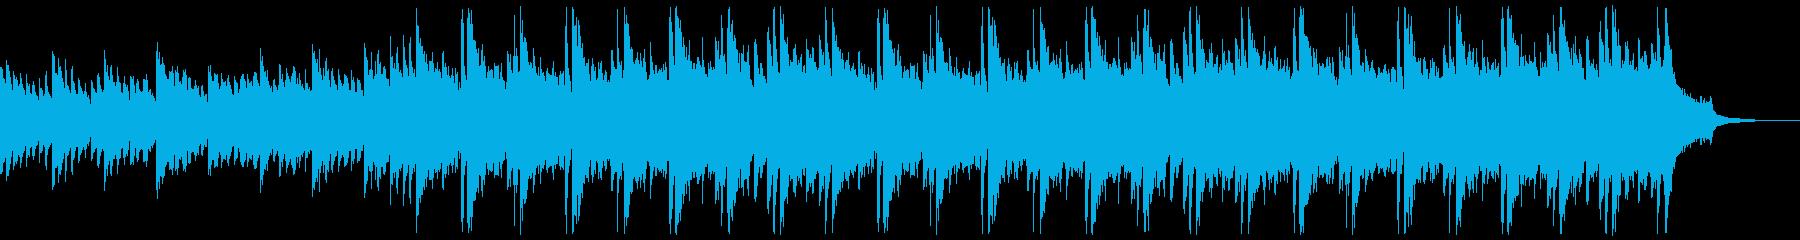 洋楽 ドラマチック ピアノ 木製ギ...の再生済みの波形